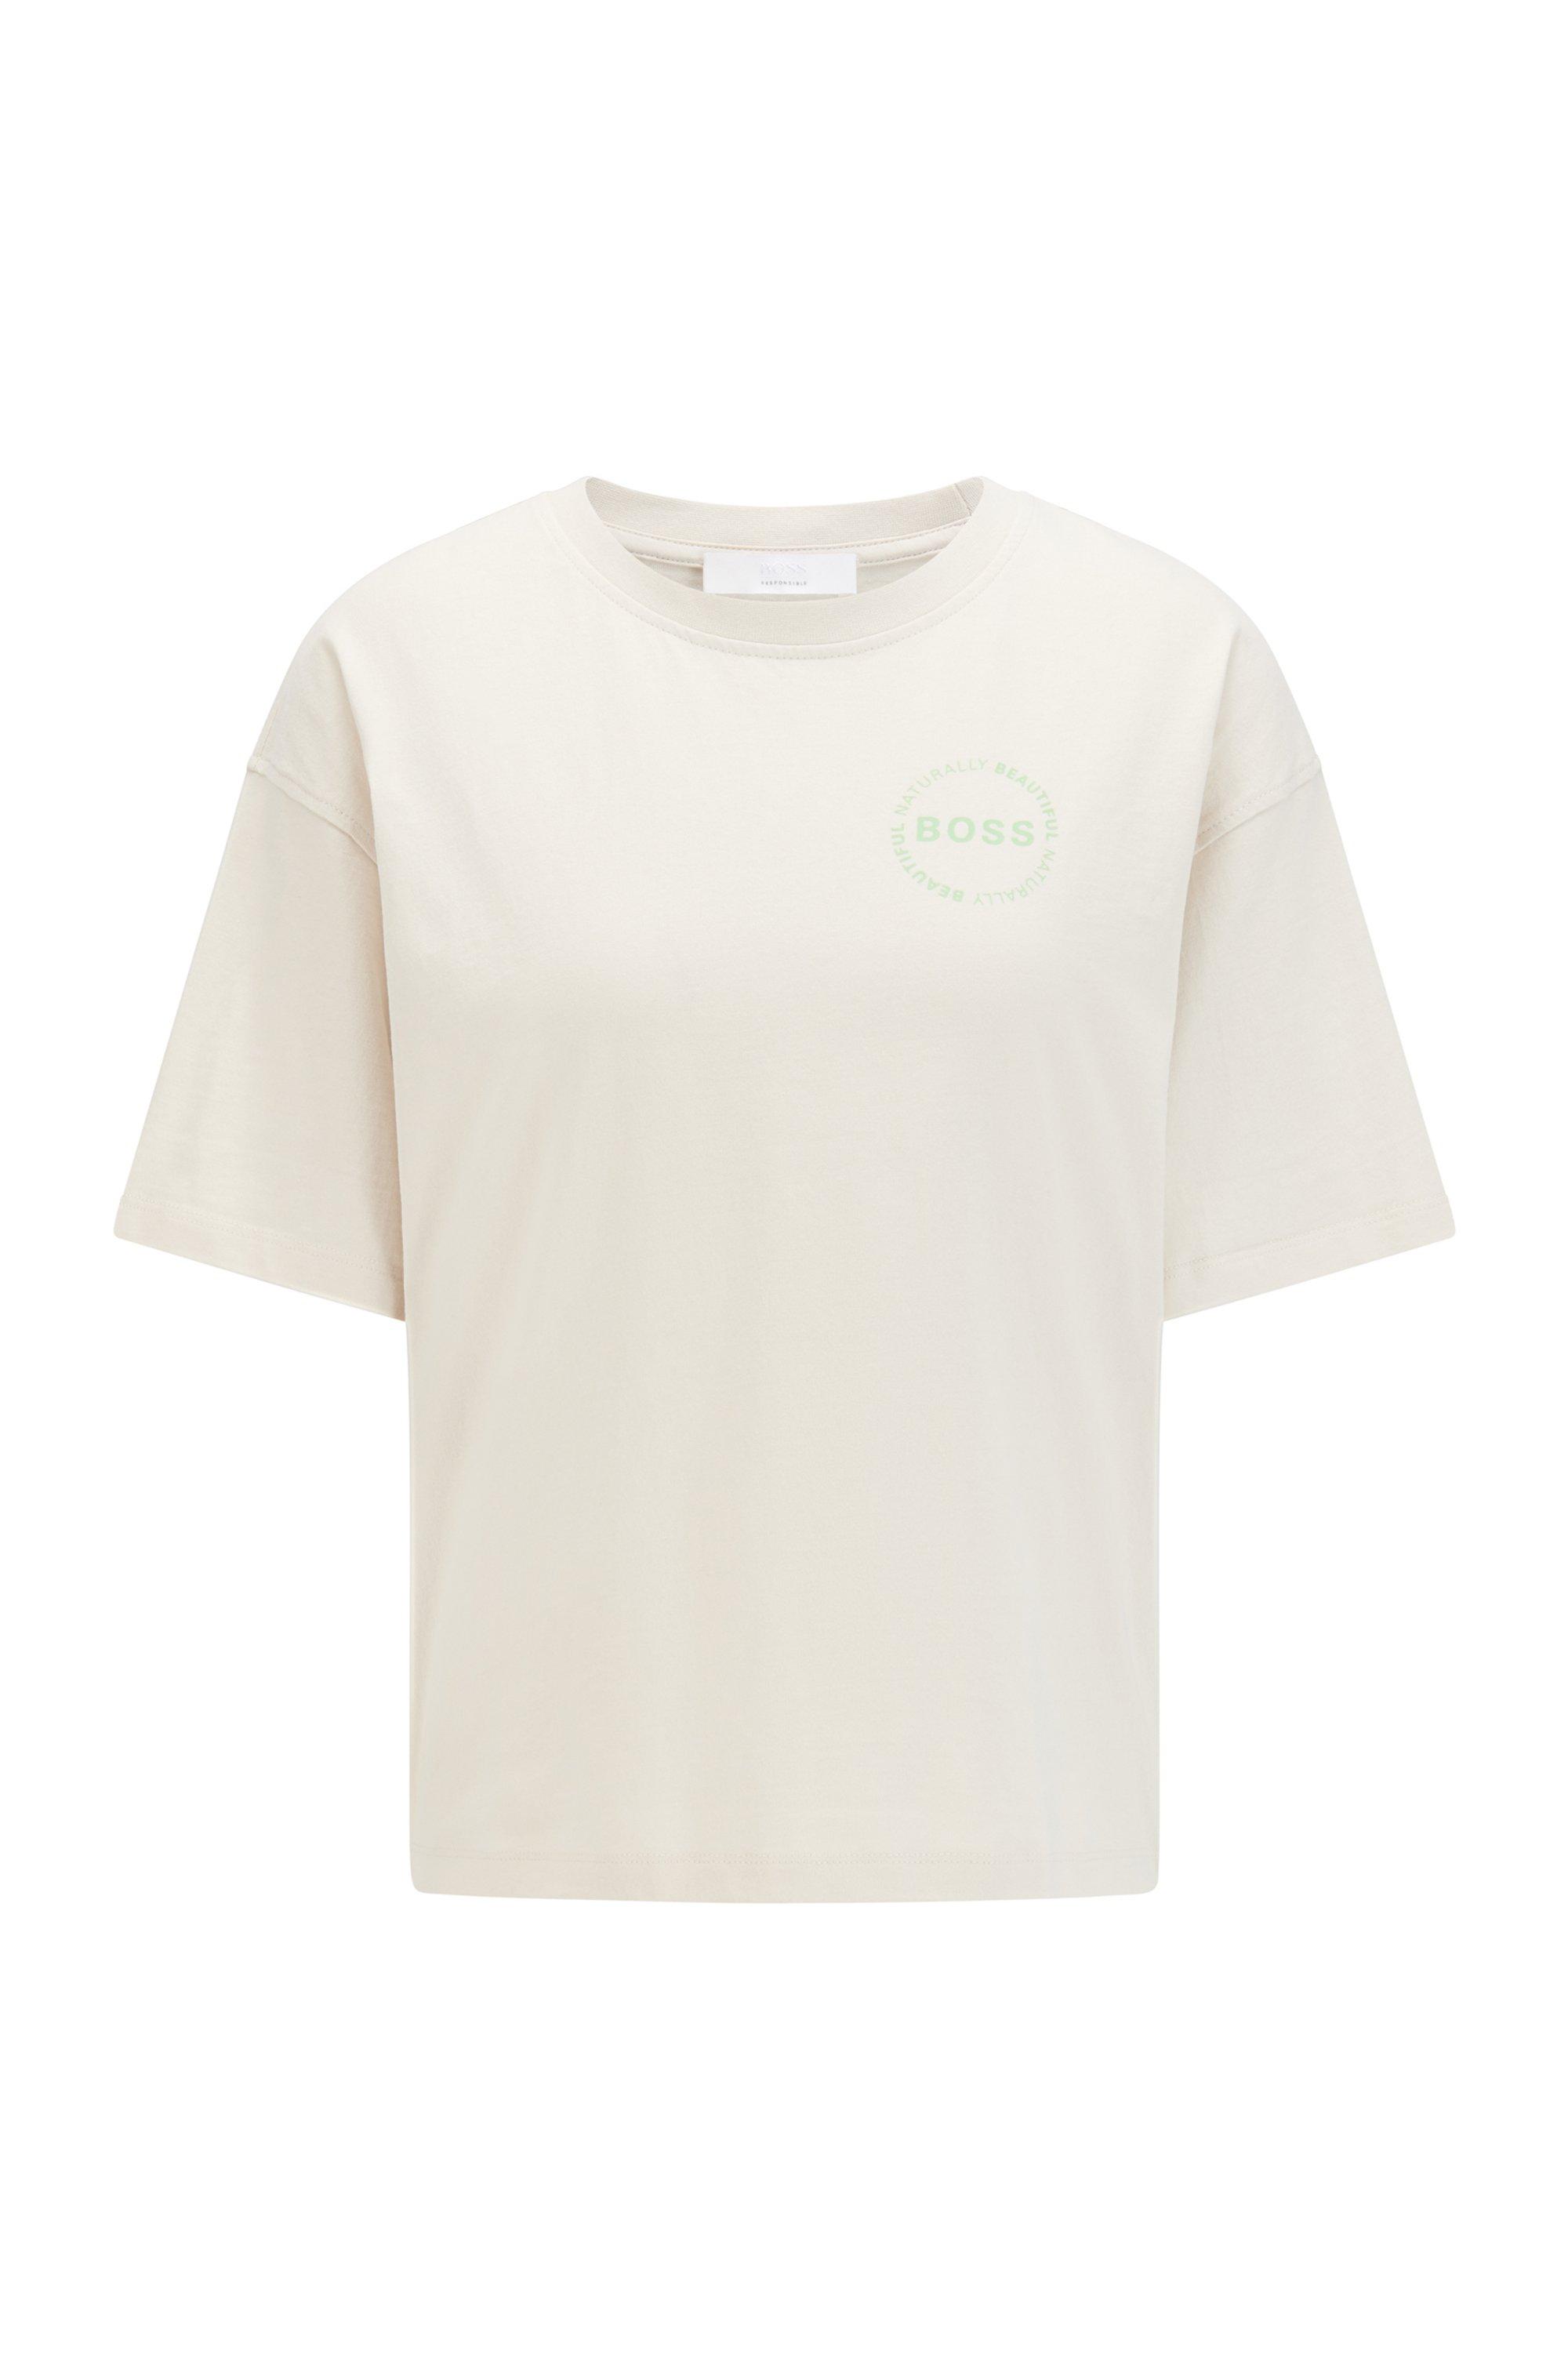 Oversized T-Shirt aus Bio-Baumwolle mit Logo, Weiß